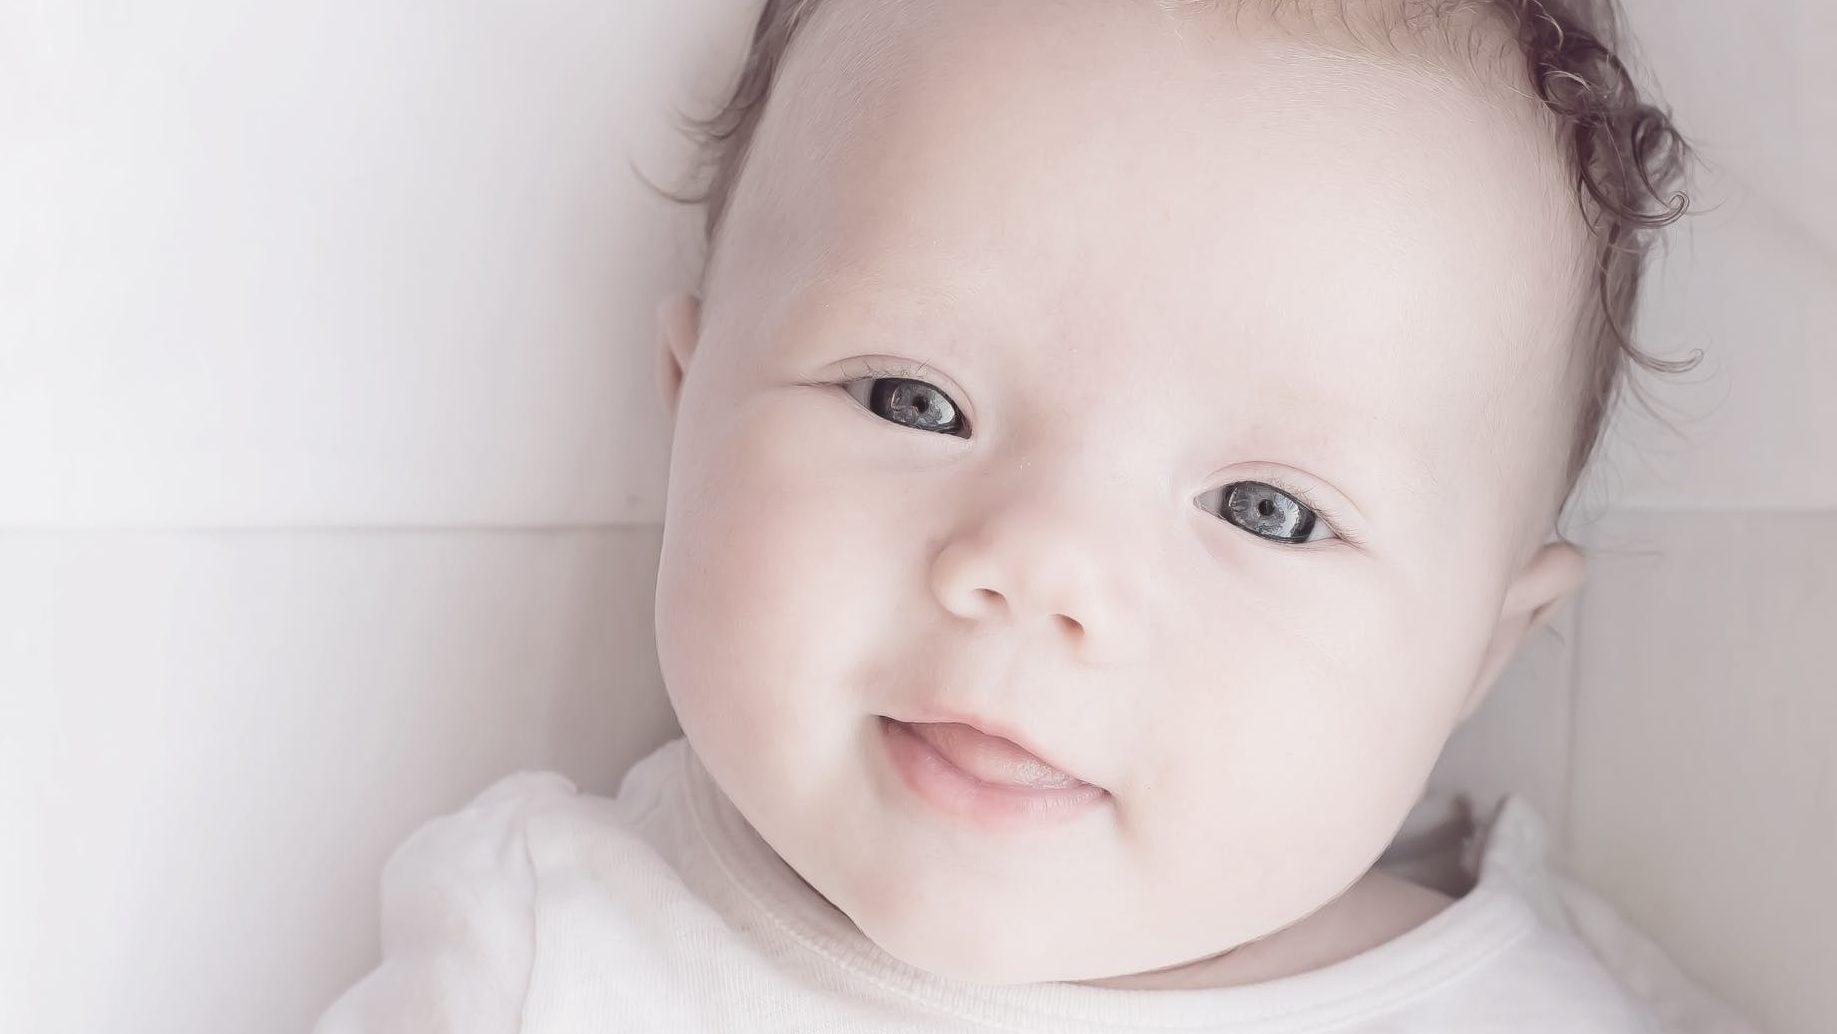 赤ちゃんの身長が伸びないイメージ画像4